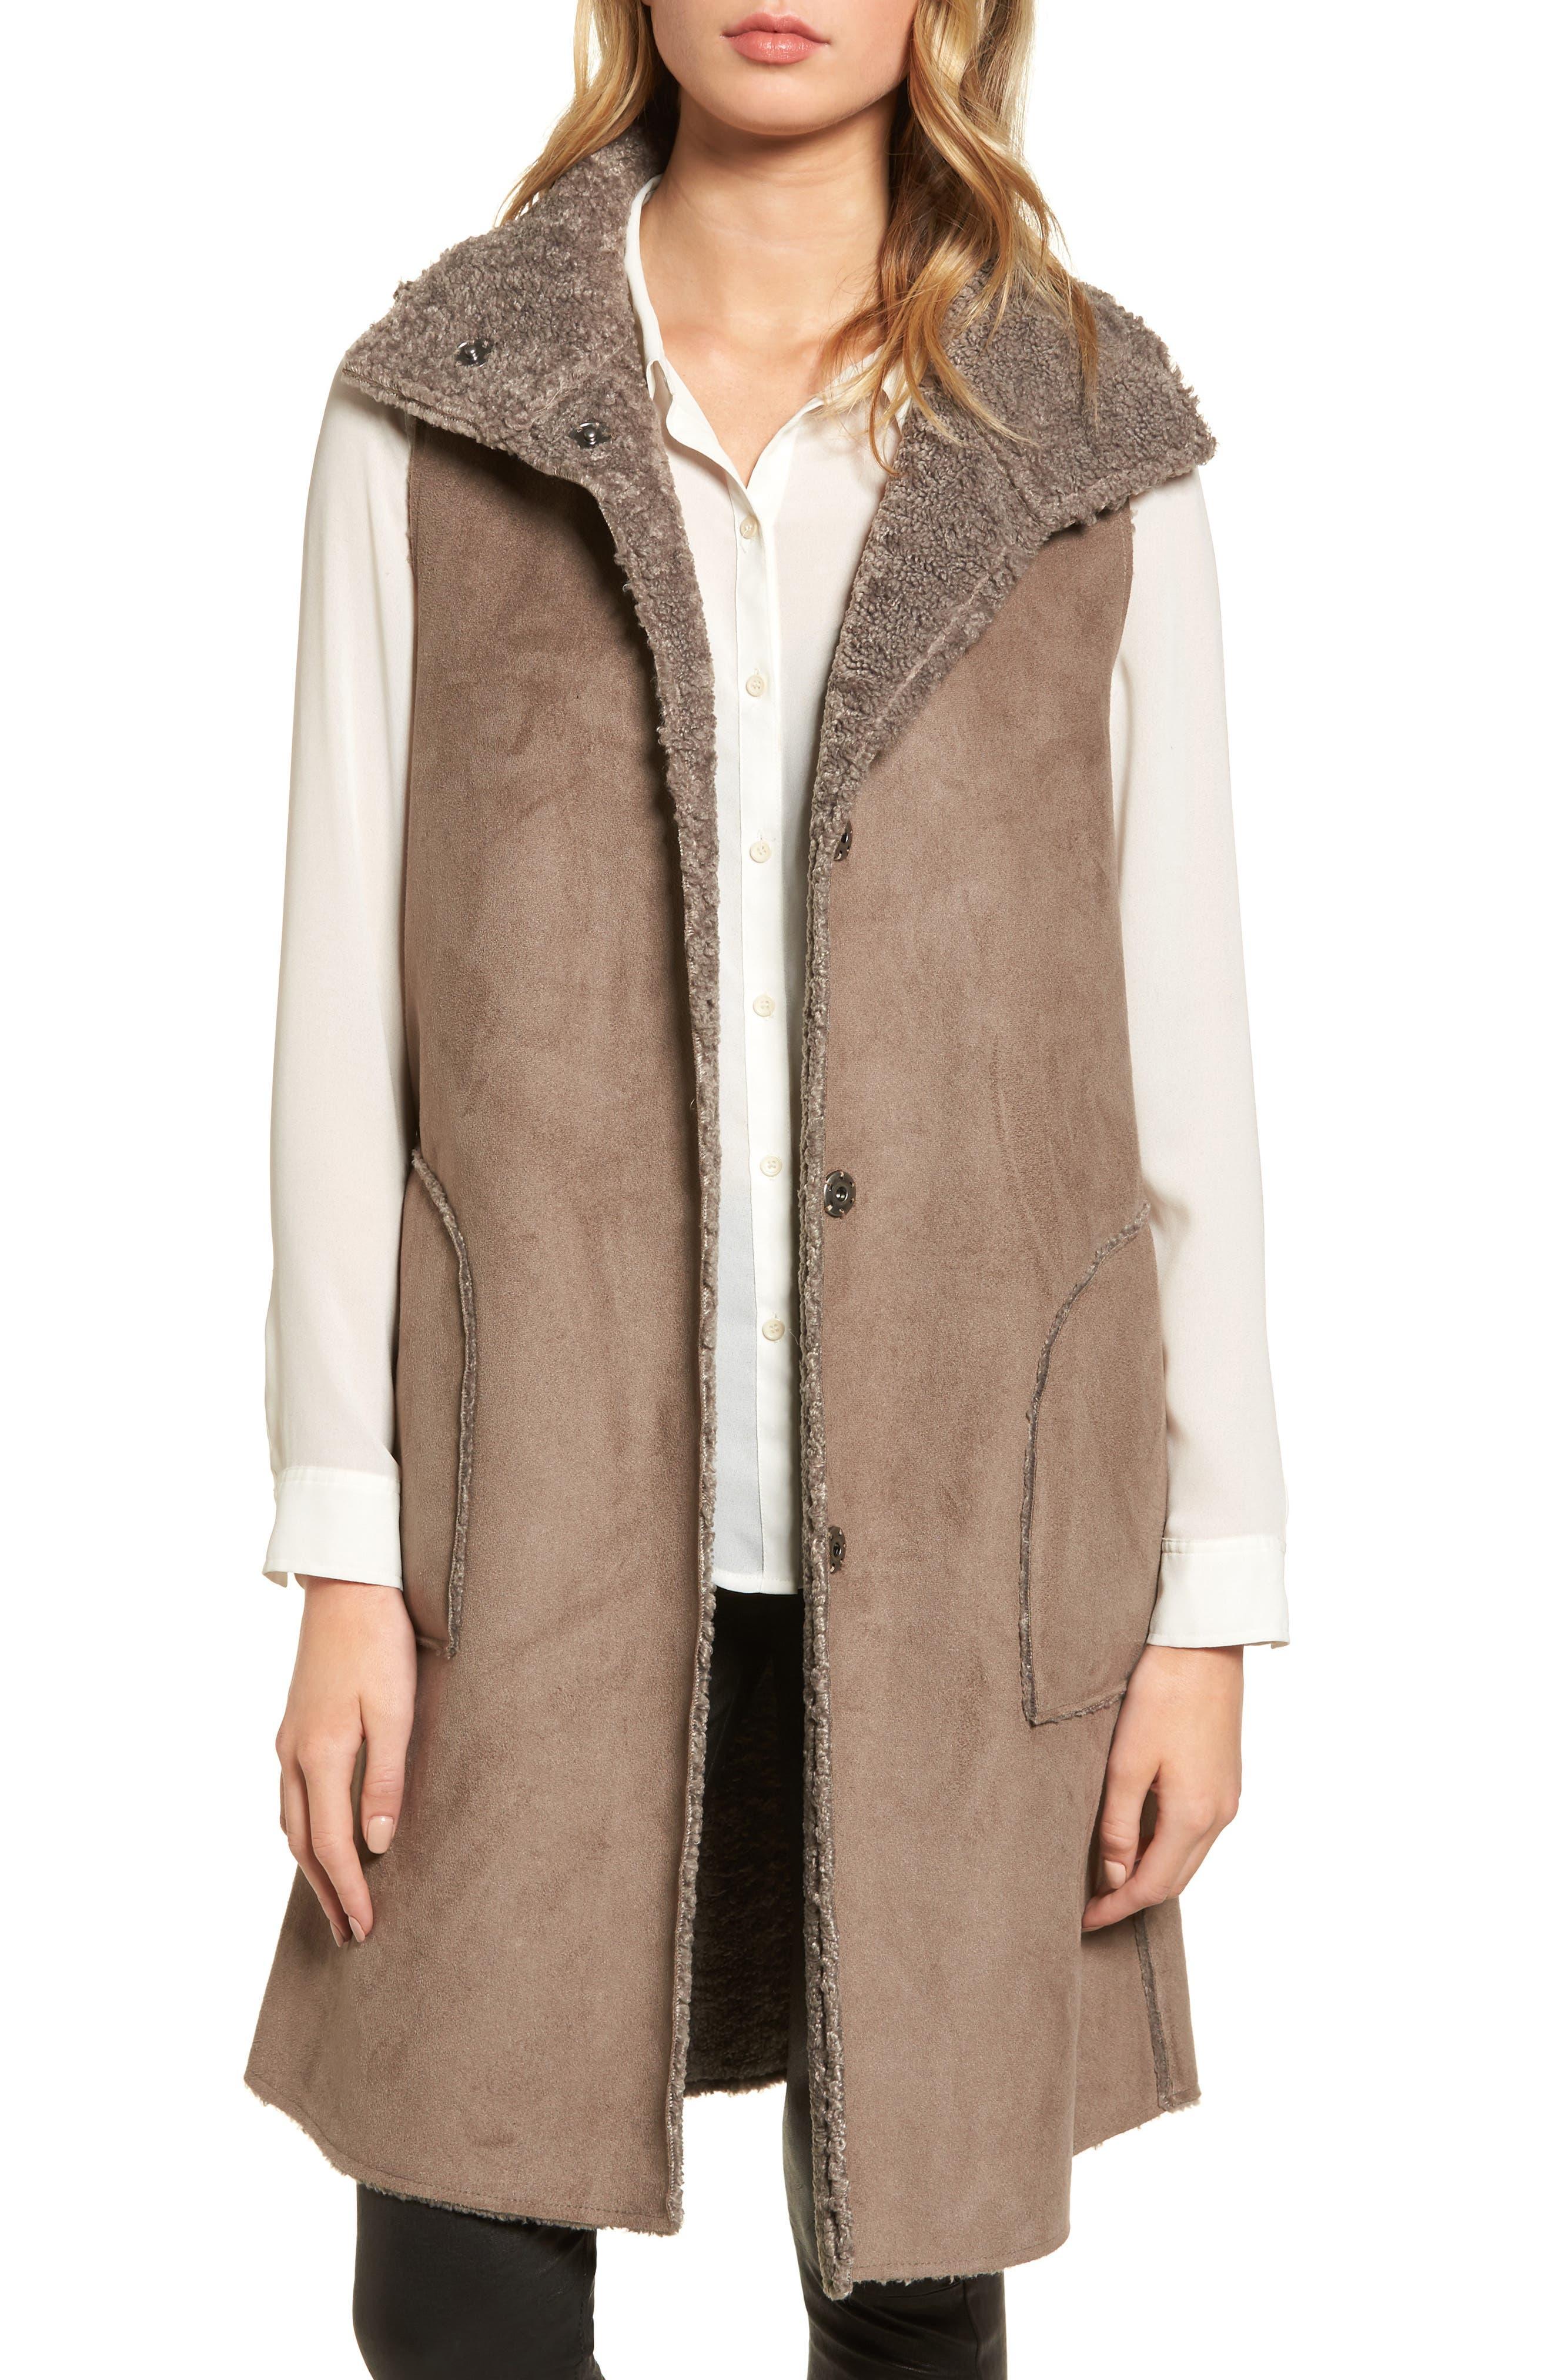 Alternate Image 1 Selected - Dylan Velvet Reversible Faux Shearling Vest